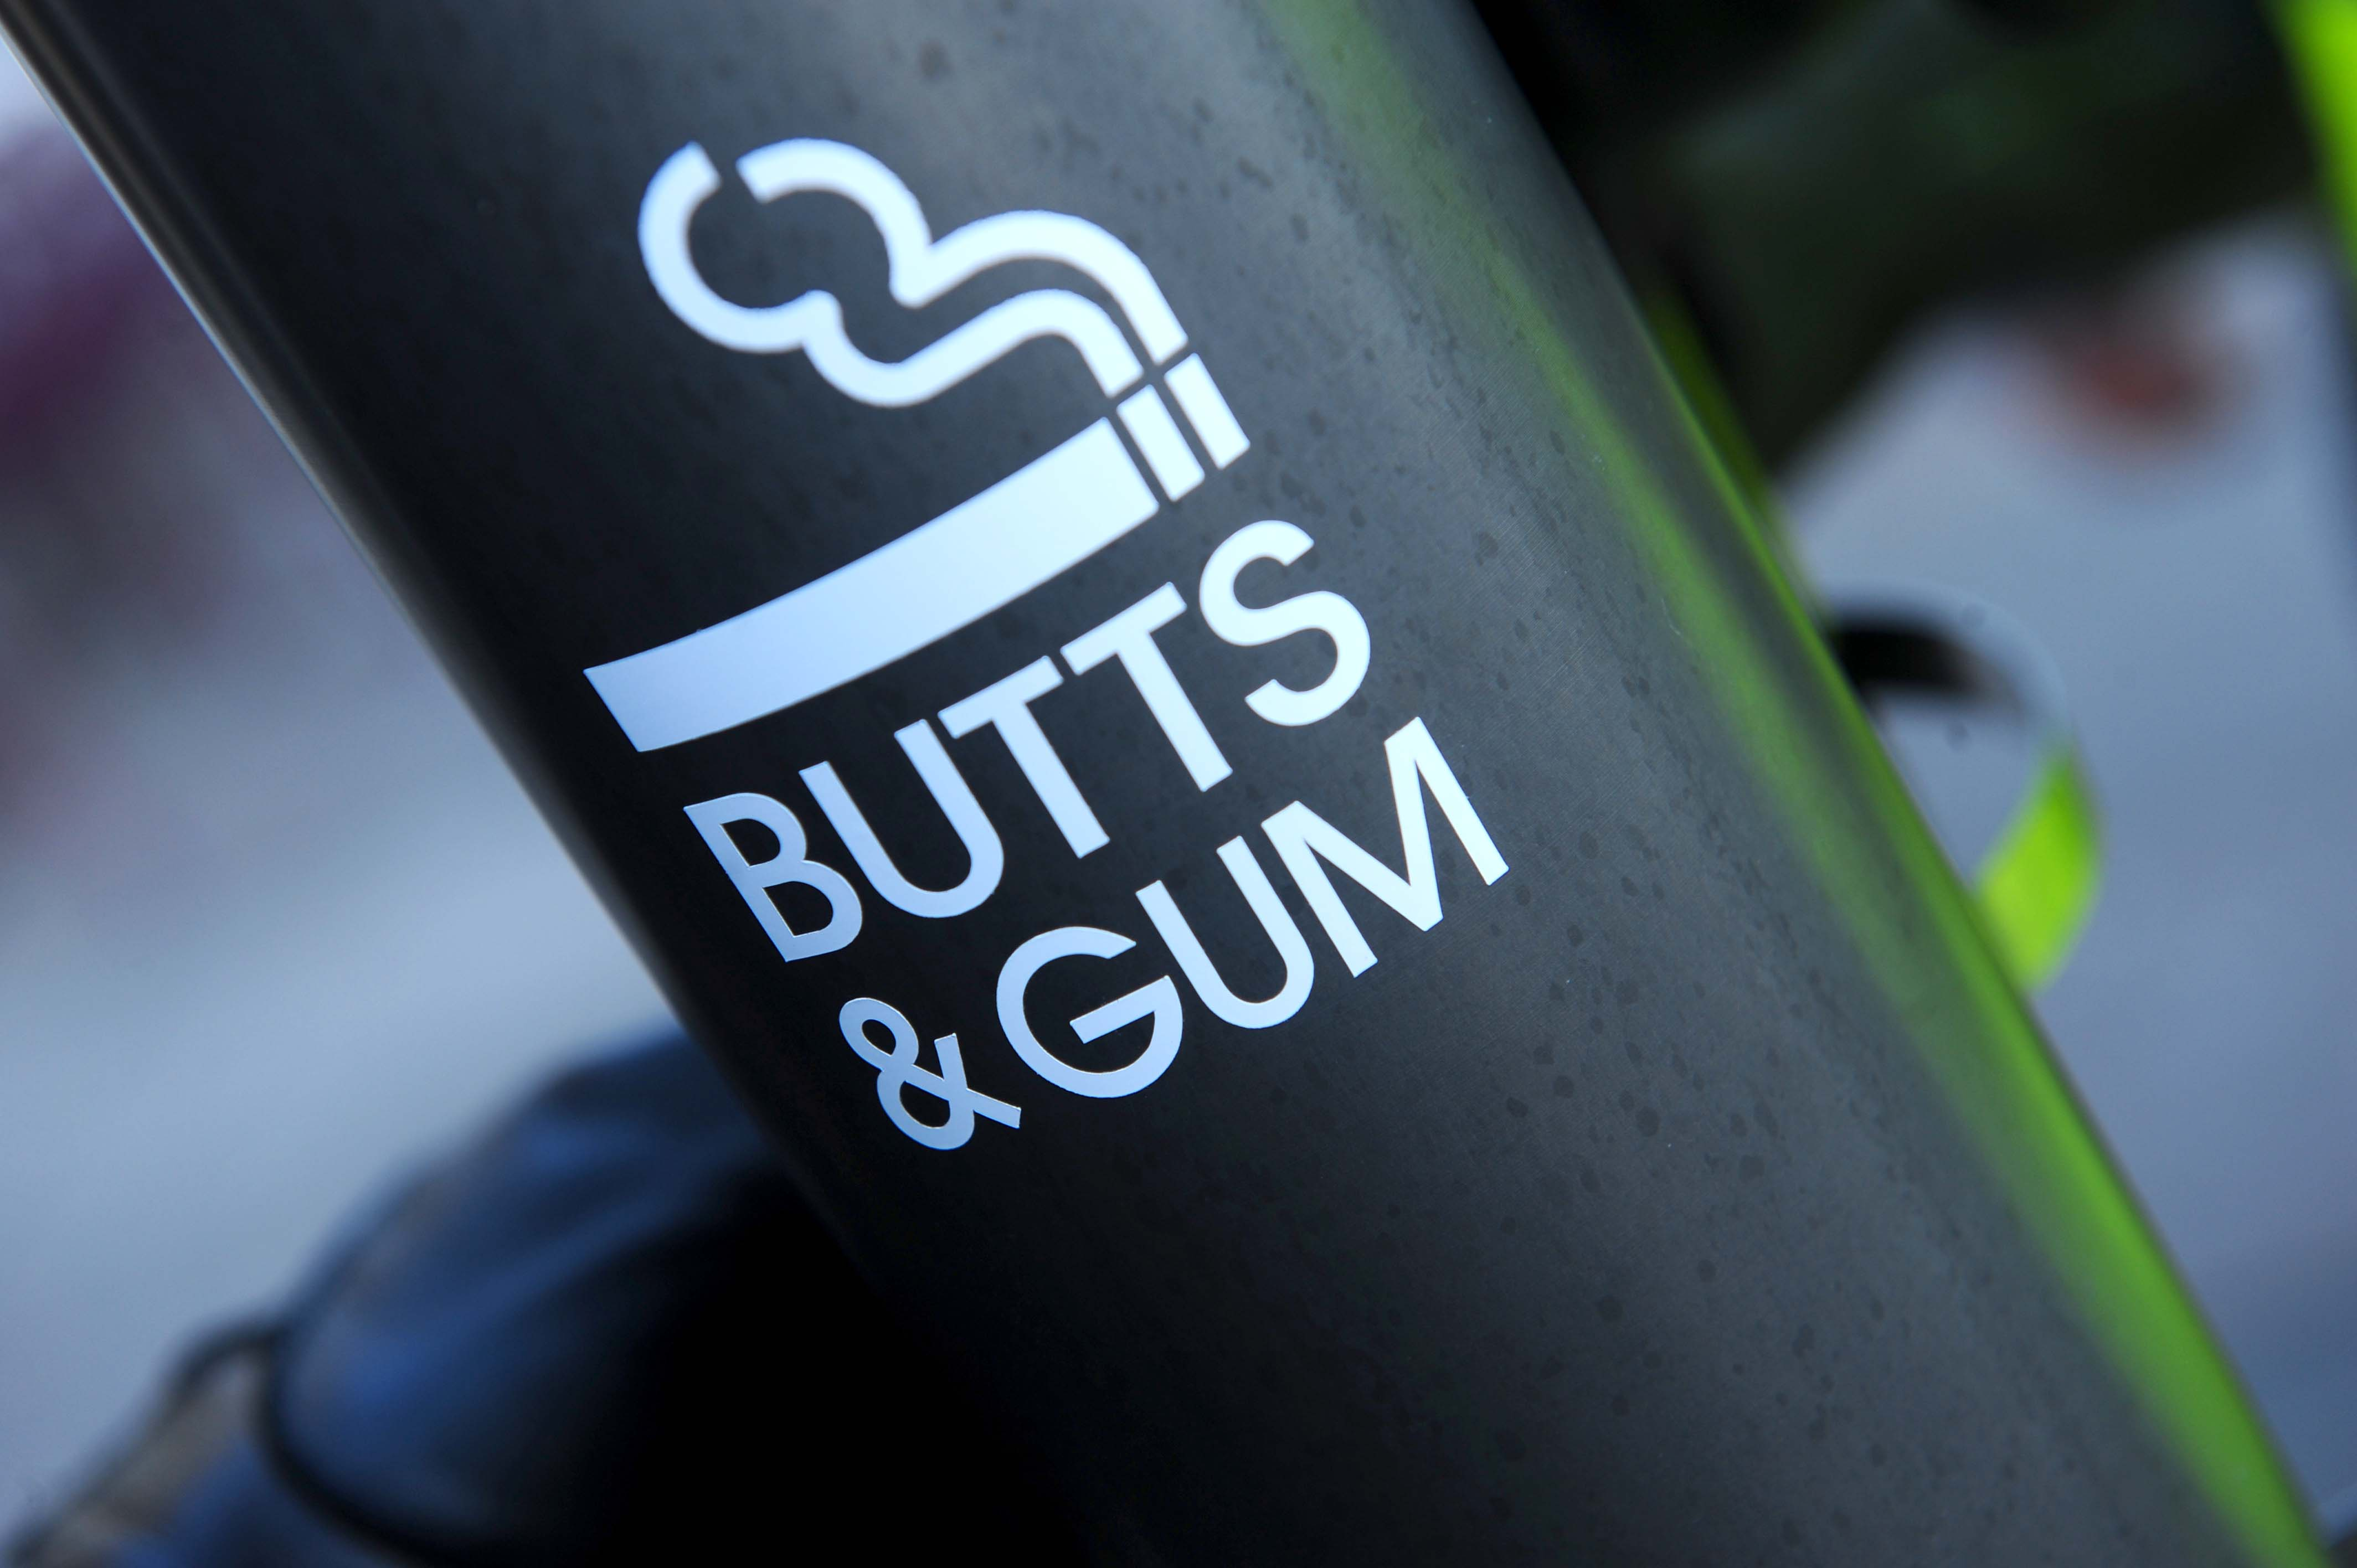 Butt Bins (3)